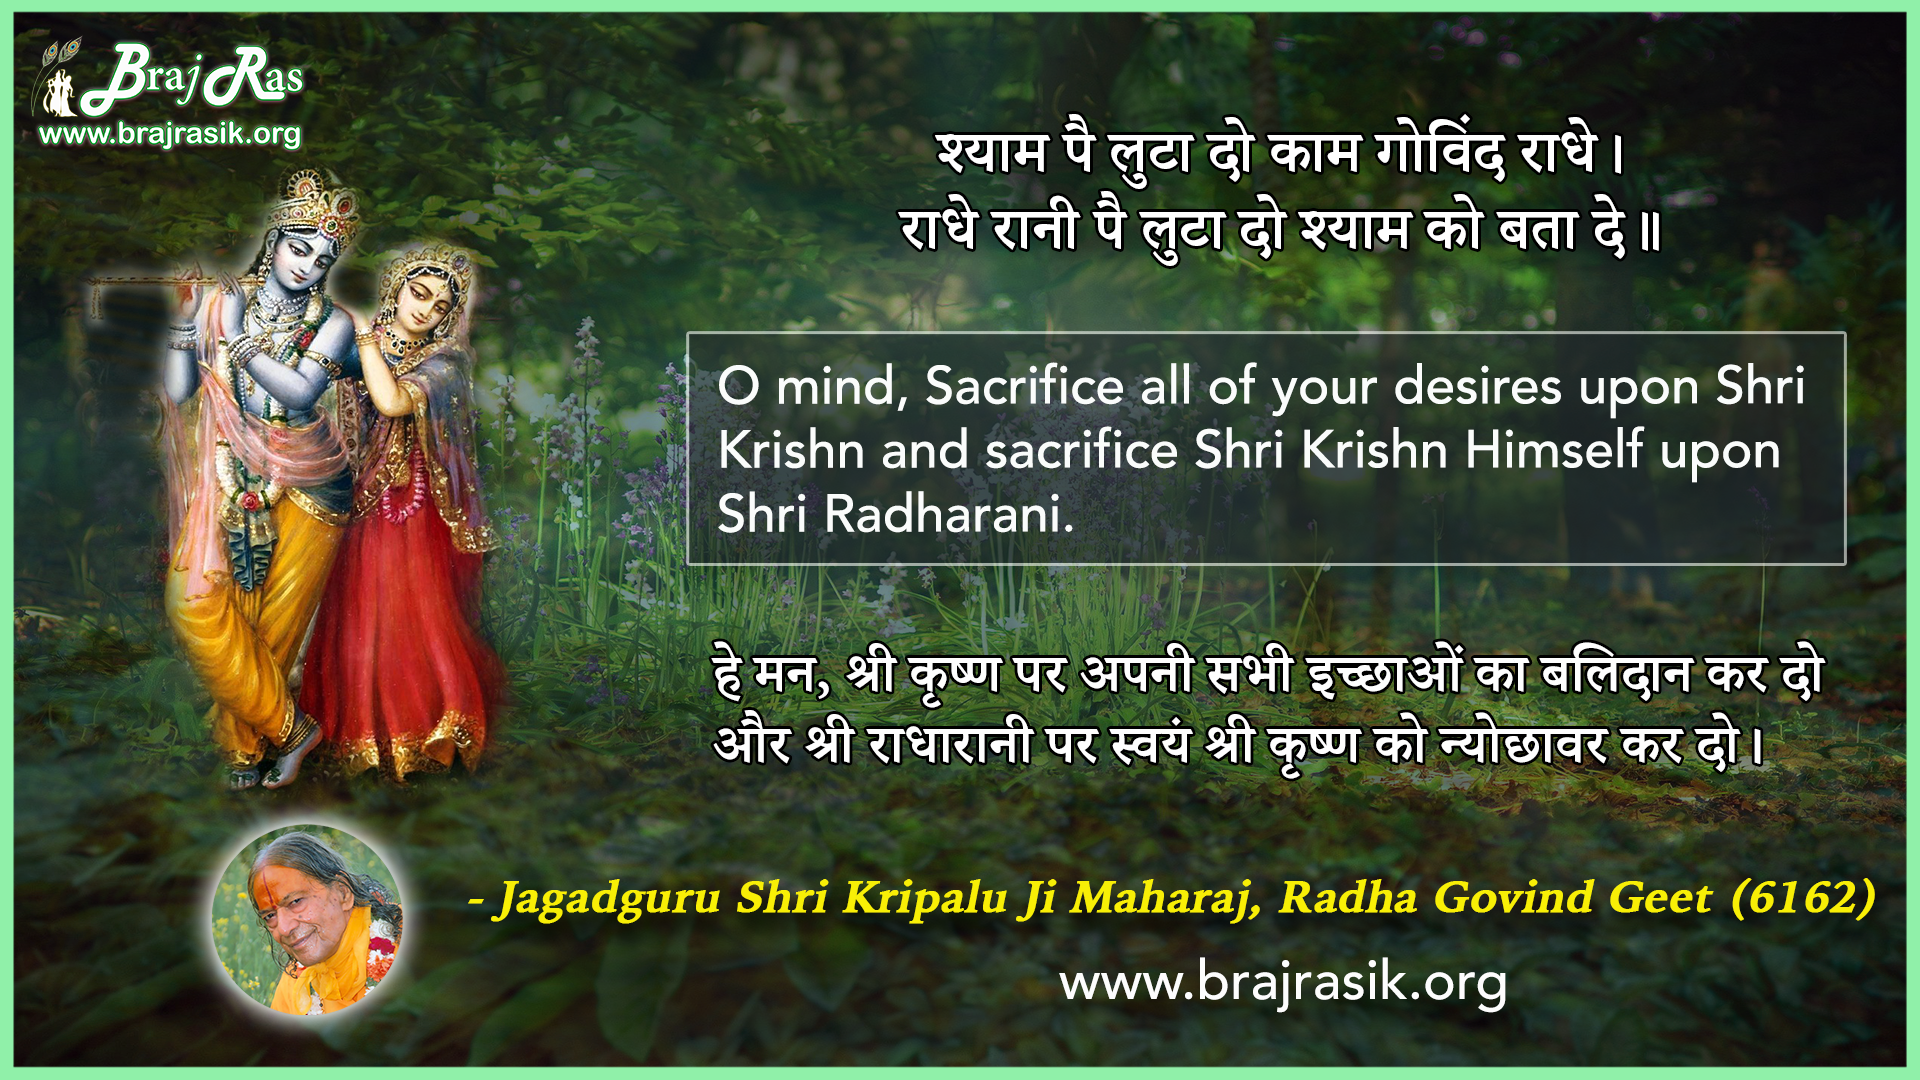 Shyam Pai Luta Do Kaam Govind Radhe - Jagadguru Shri Kripalu Ji Maharaj, Radha Govind Geet (6162)